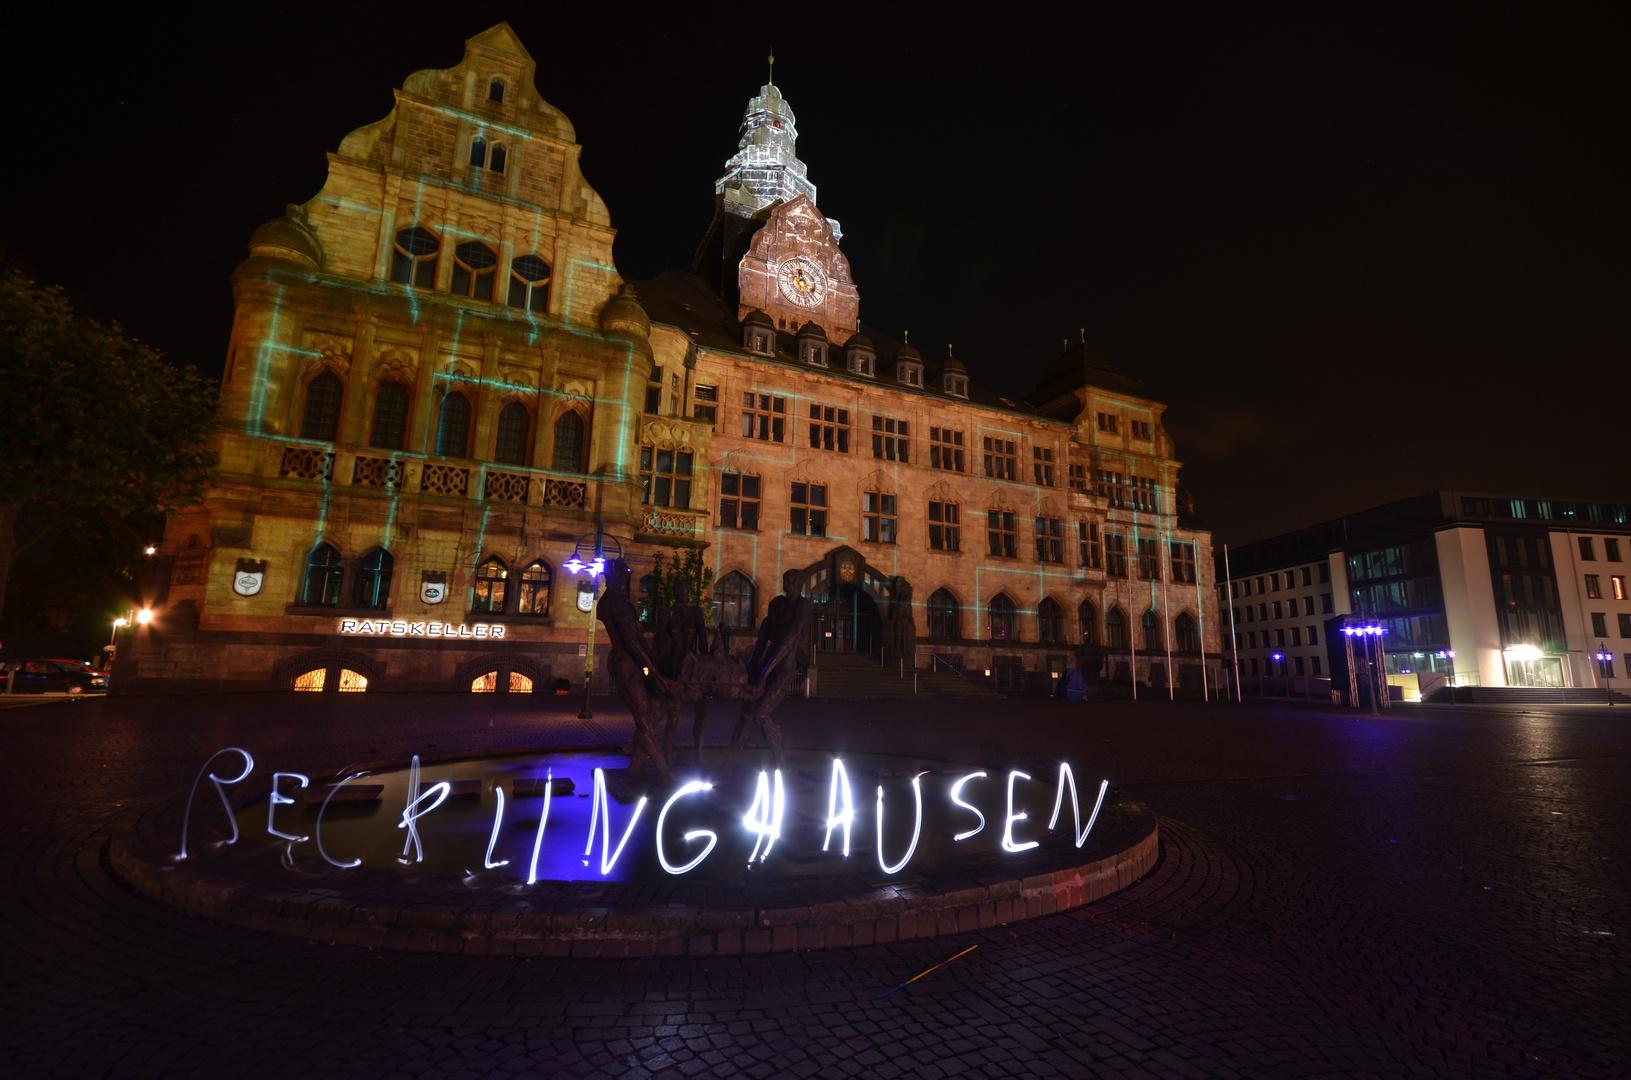 Recklinghäuser Rathaus mit Lichtschriftzug